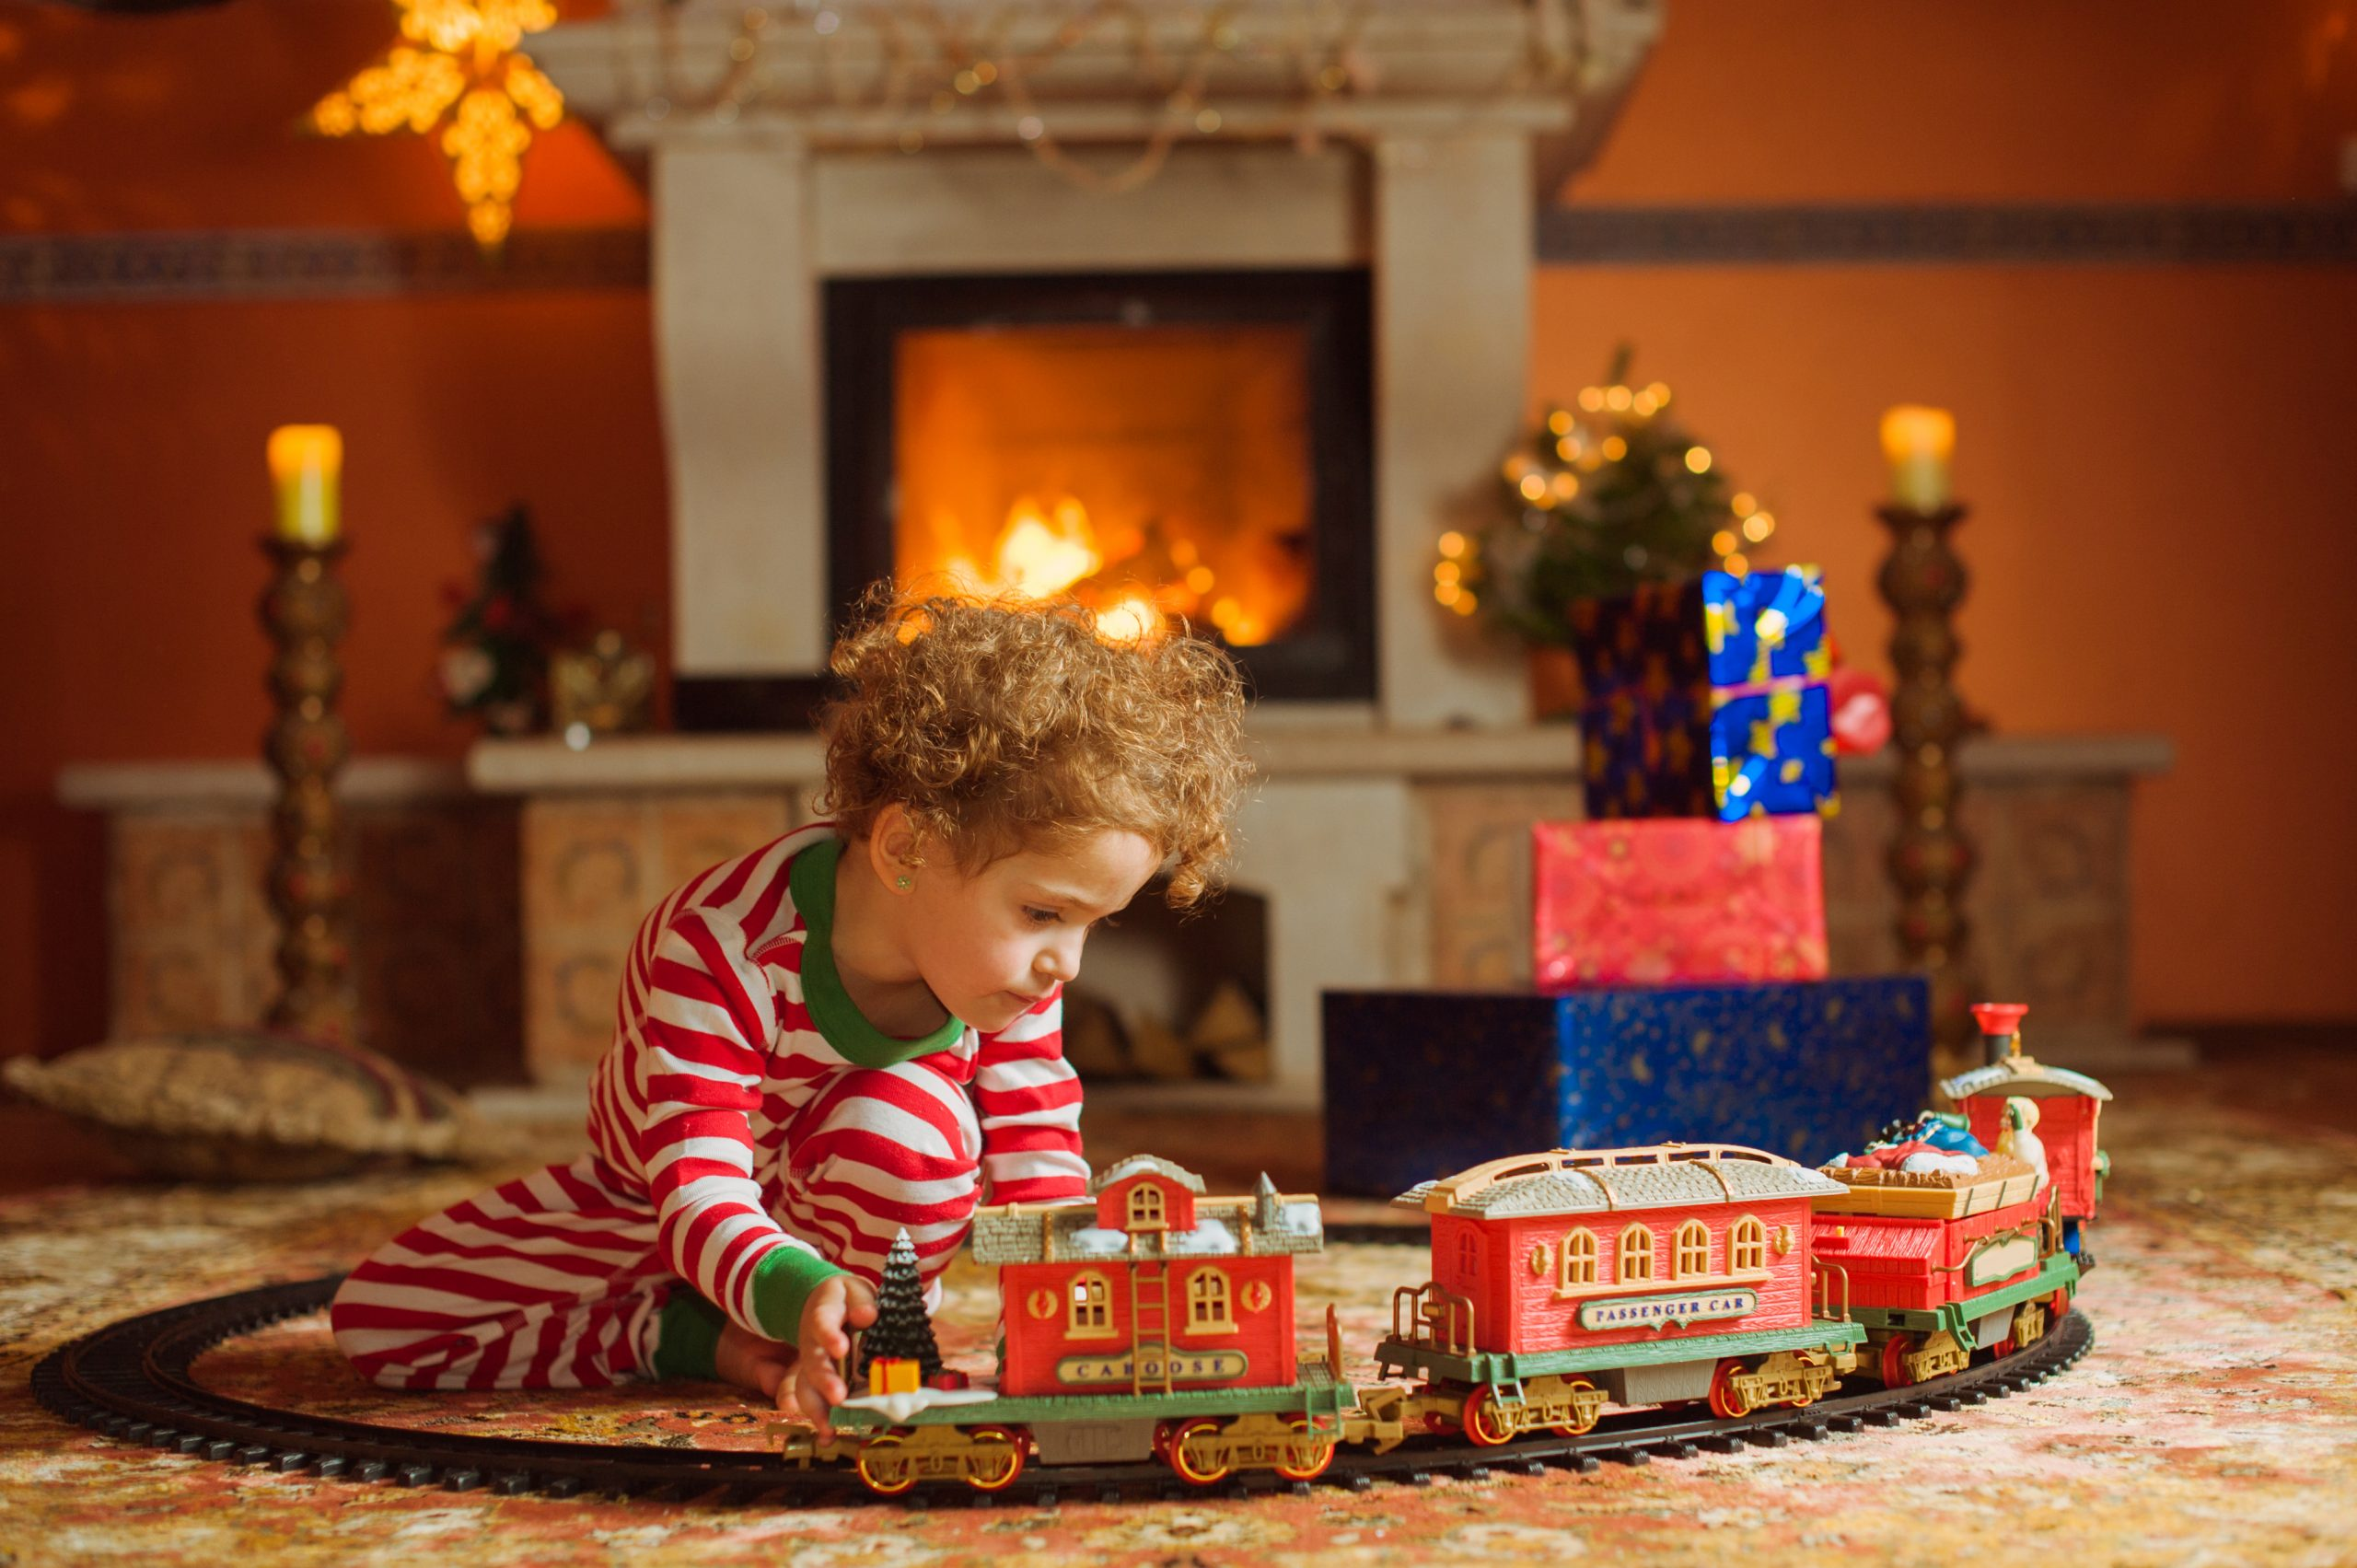 Fille, assise près de la cheminée parmi les décorations de Noël. Elle porte un pyjama rayé, elle a les cheveux bouclés. Fille jouant avec un train de Noël.